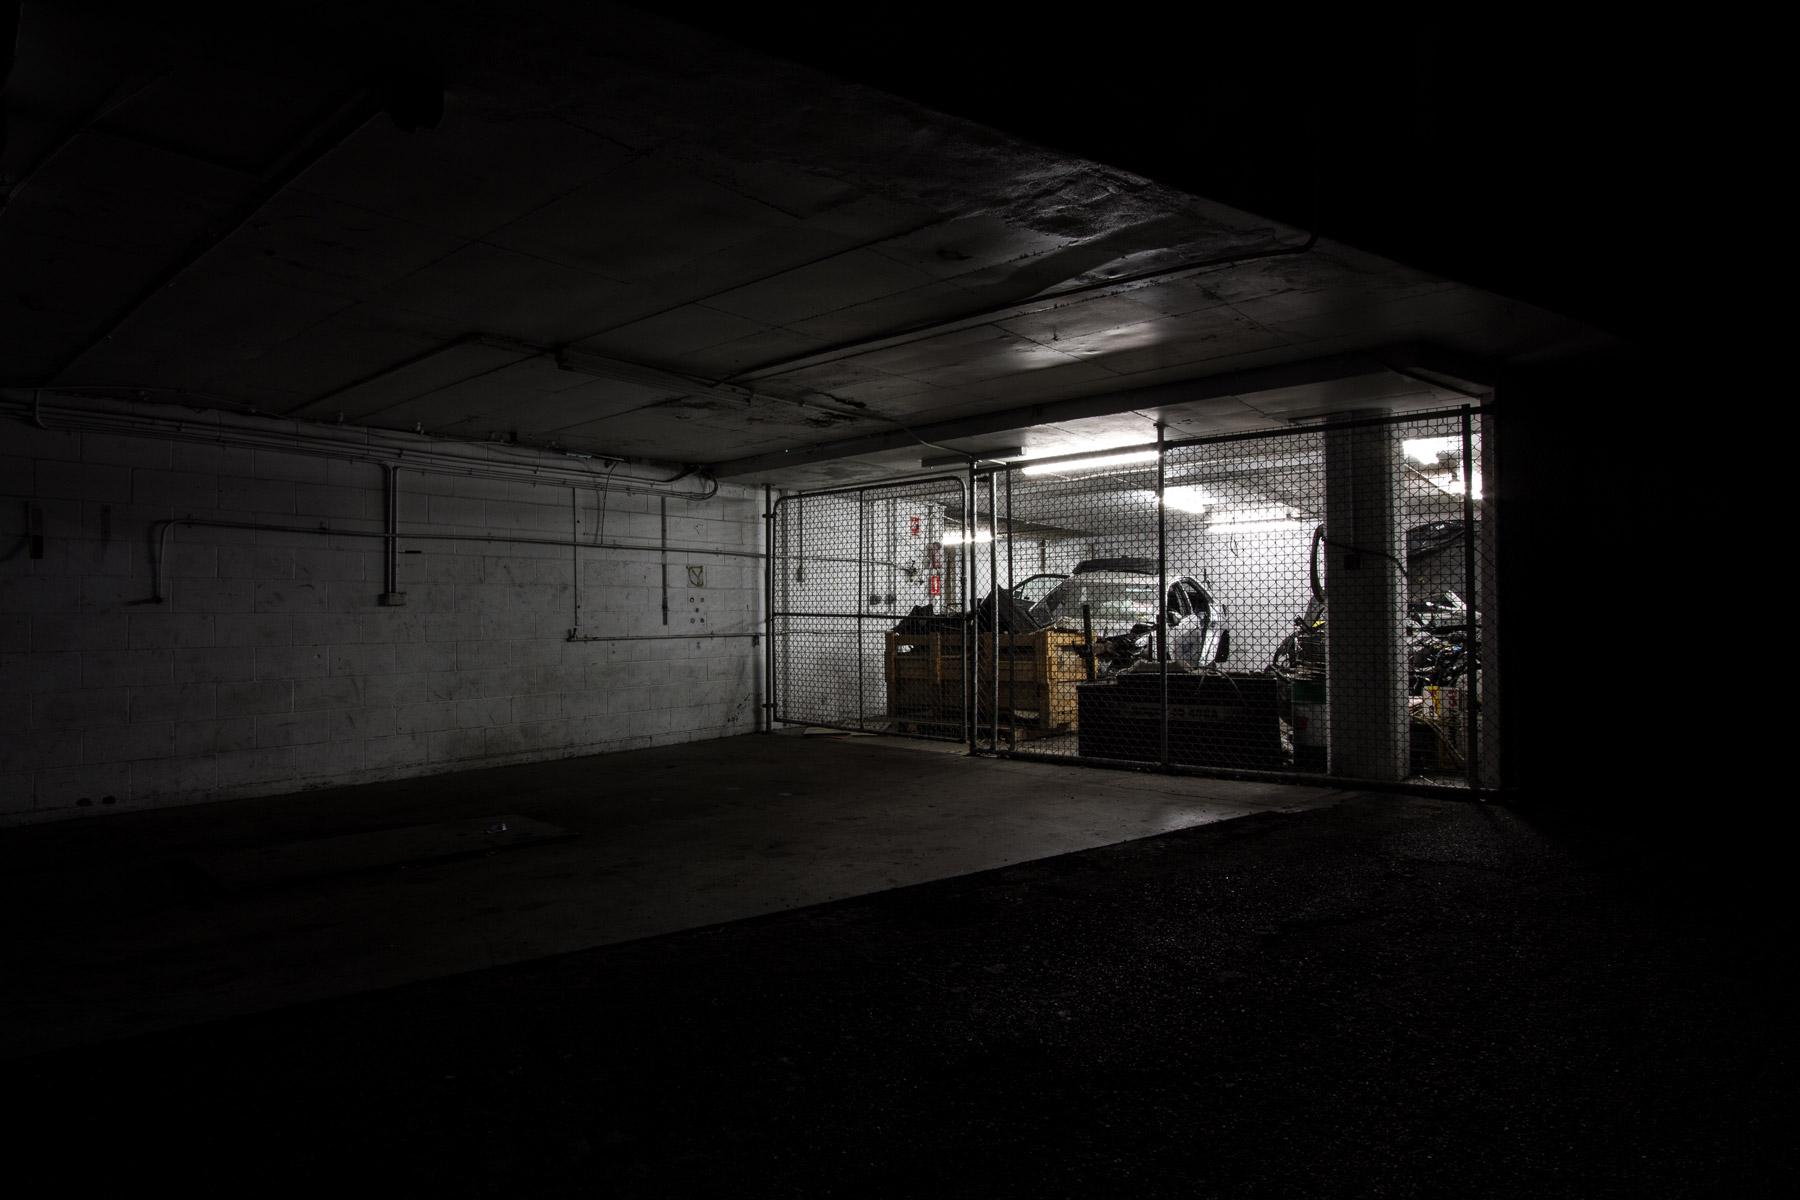 A car in a taxi depot garage at night in Brisbane